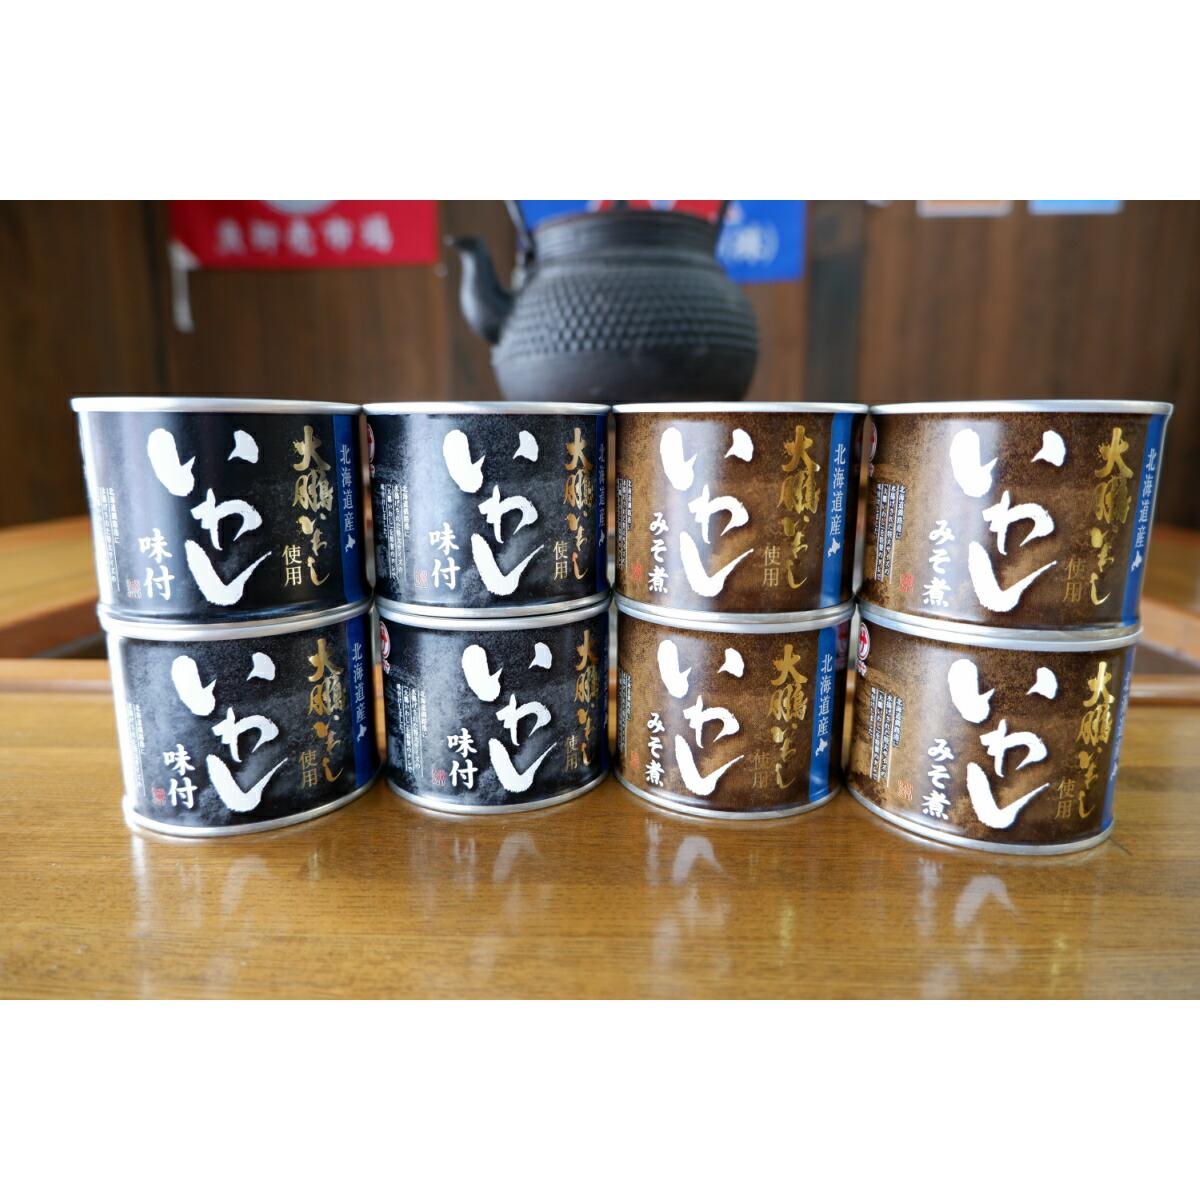 北海道乙部町 【ふるさと納税】釧之助<いわし缶セット>